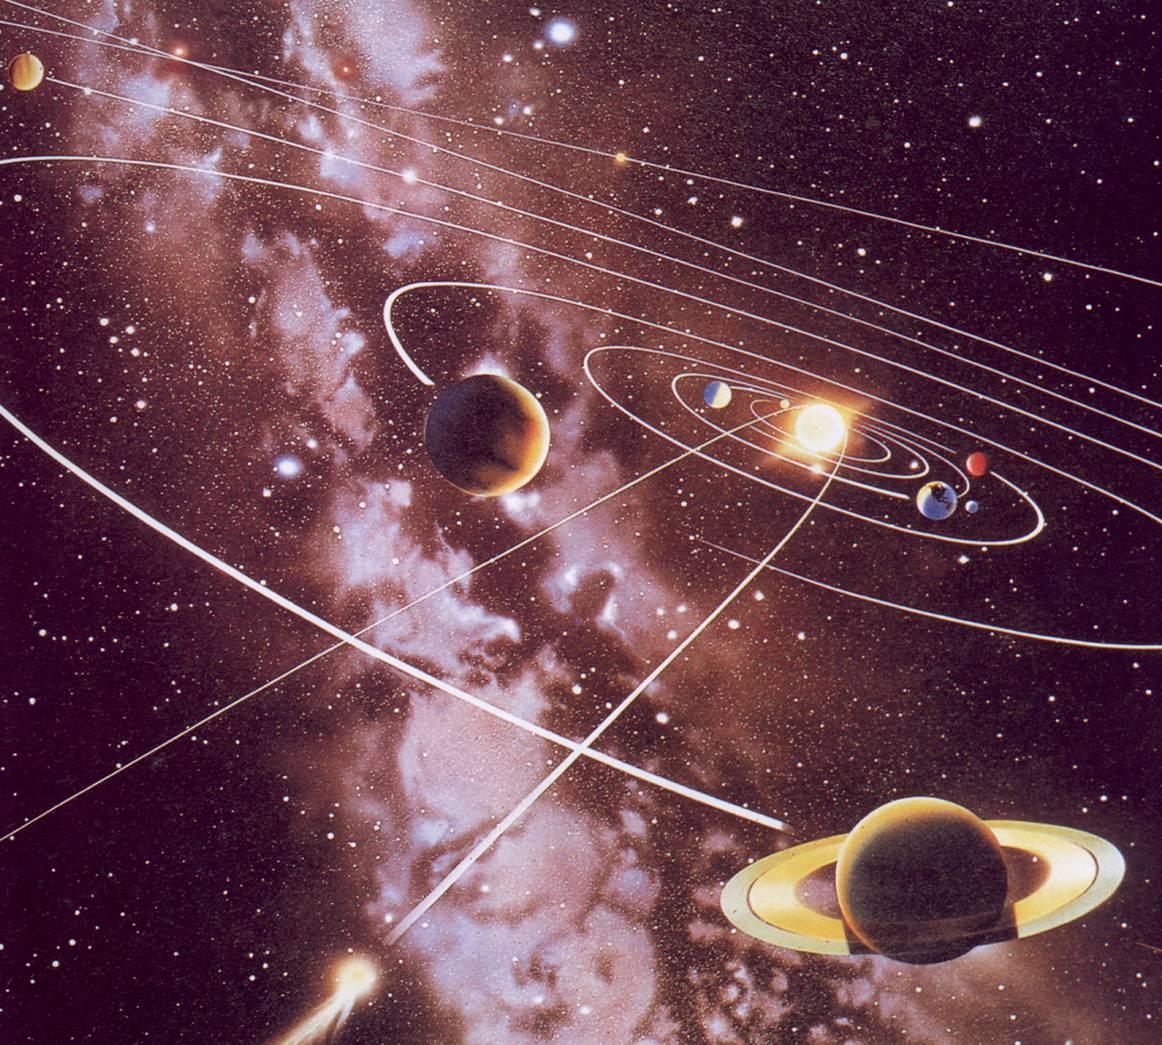 八大行星轨道俯视图 八大行星轨道俯视图 八大行星动态图